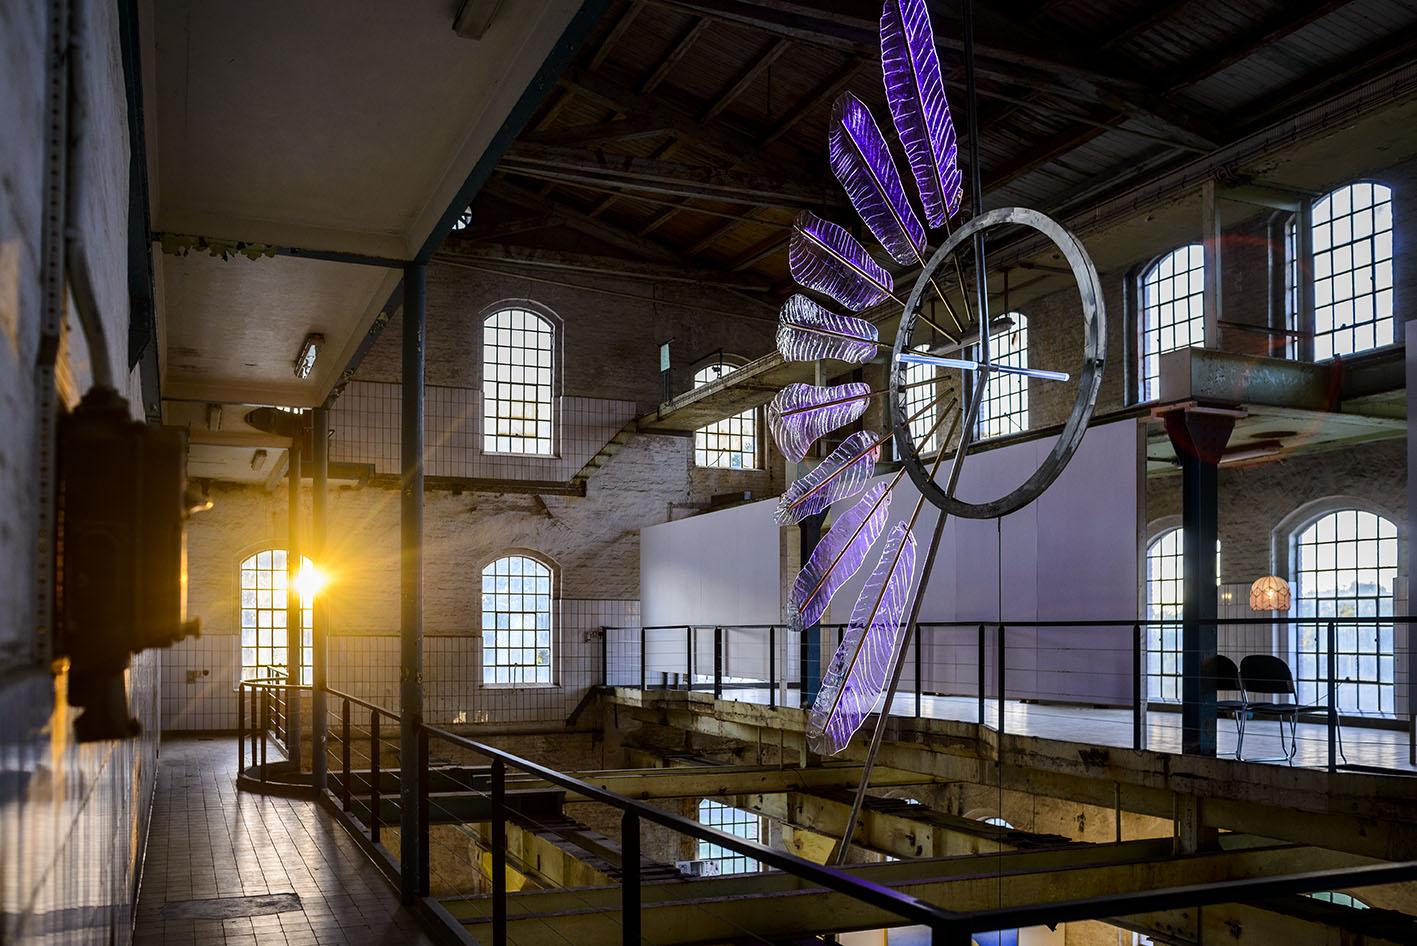 Glasskulptur af Bo Karberg, på Lys over Lolland, Saxkjøbing Sukkerfabrik. Fotograf: Christian Lindgren.